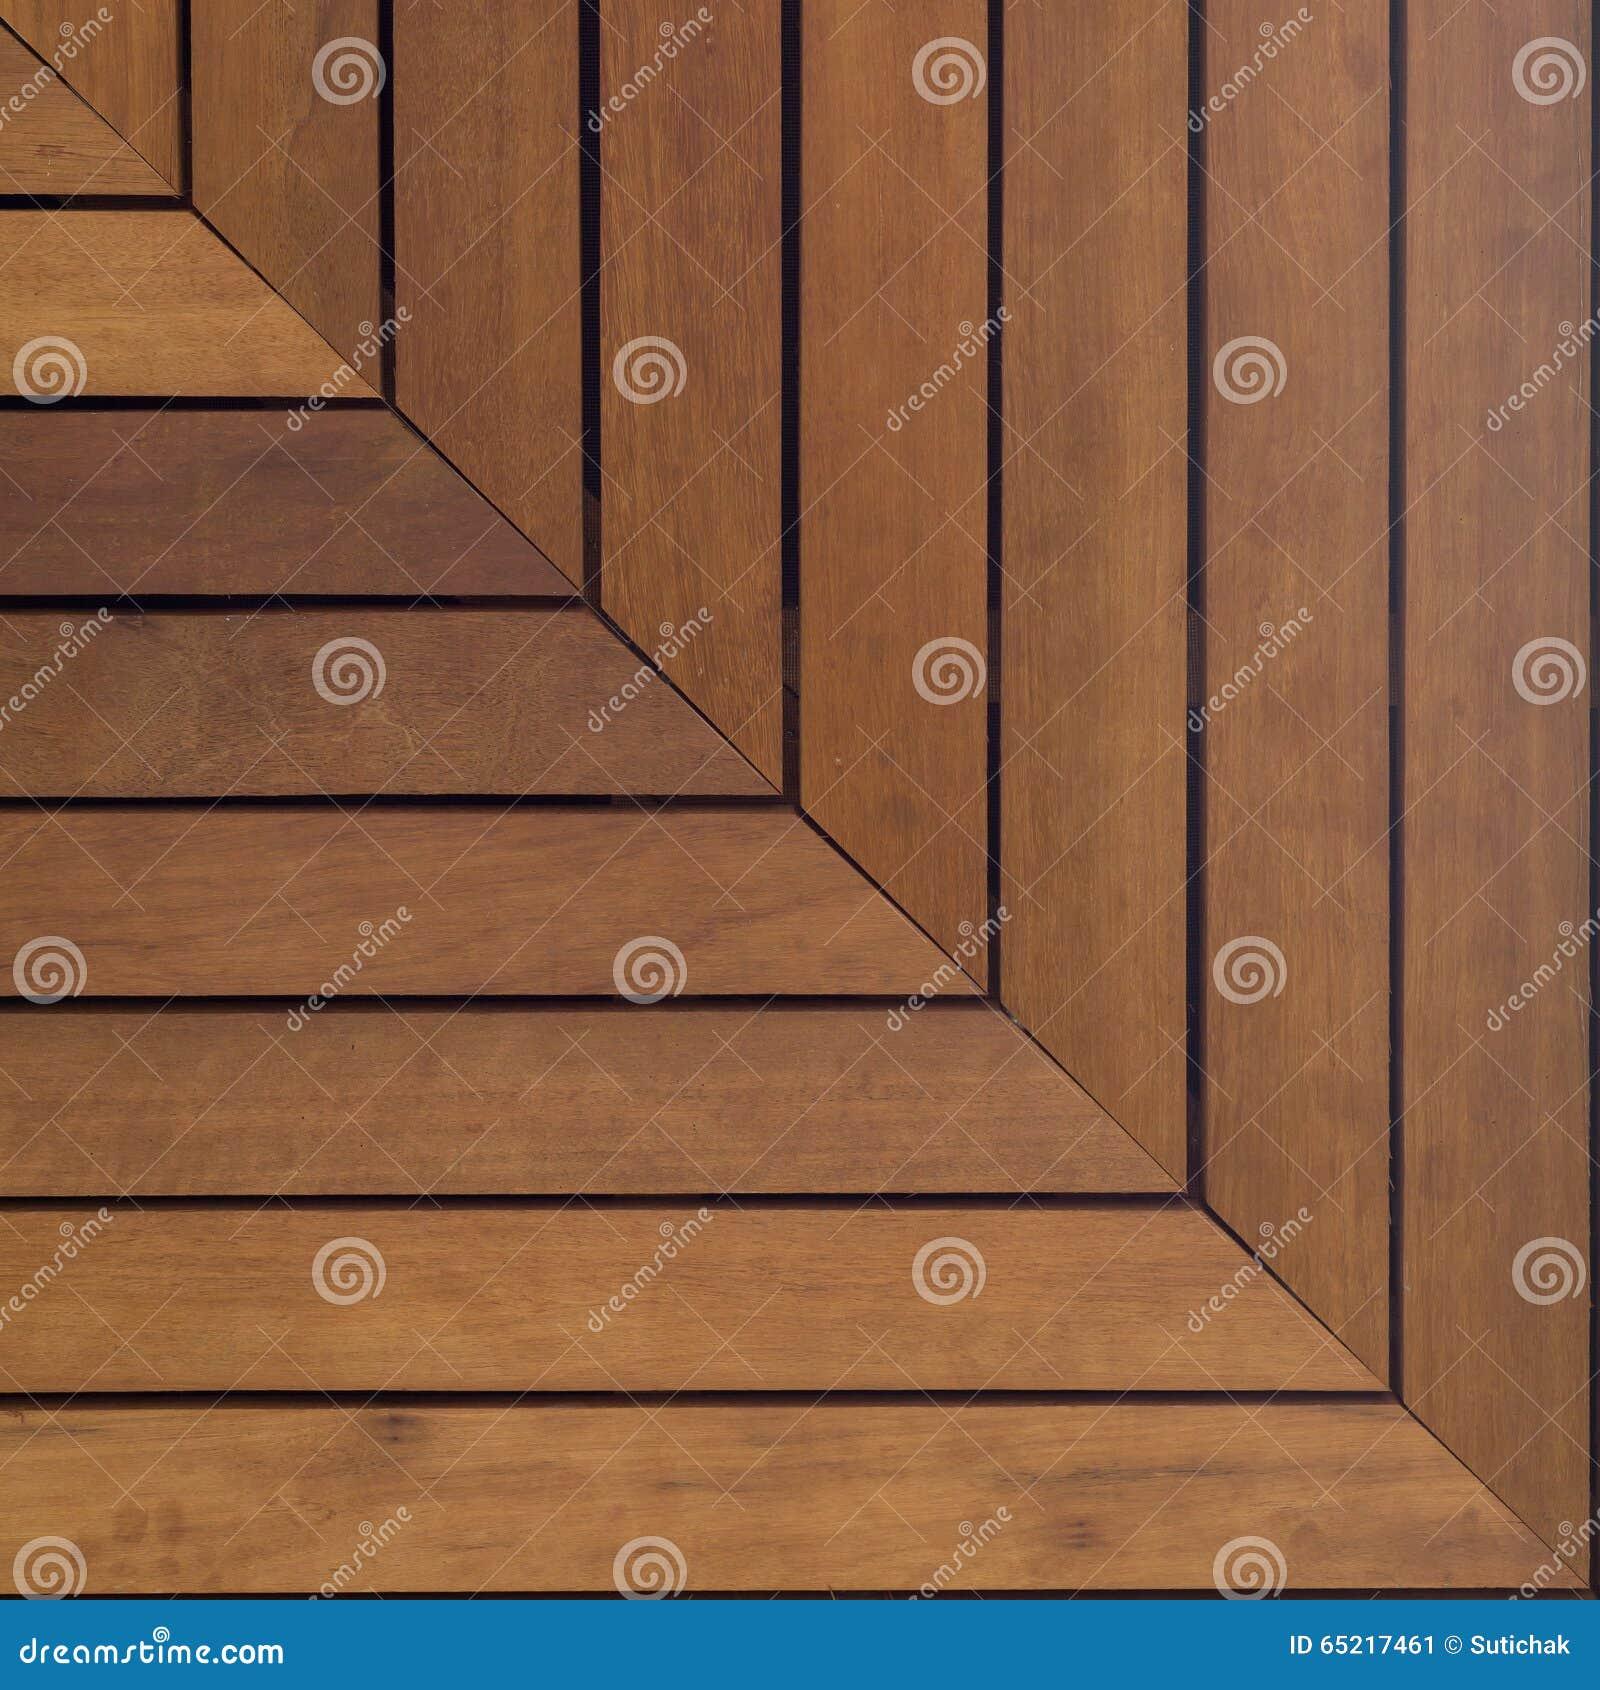 La Plinthe Du Mur conception de la planche en bois utilisée pour l'intérieur